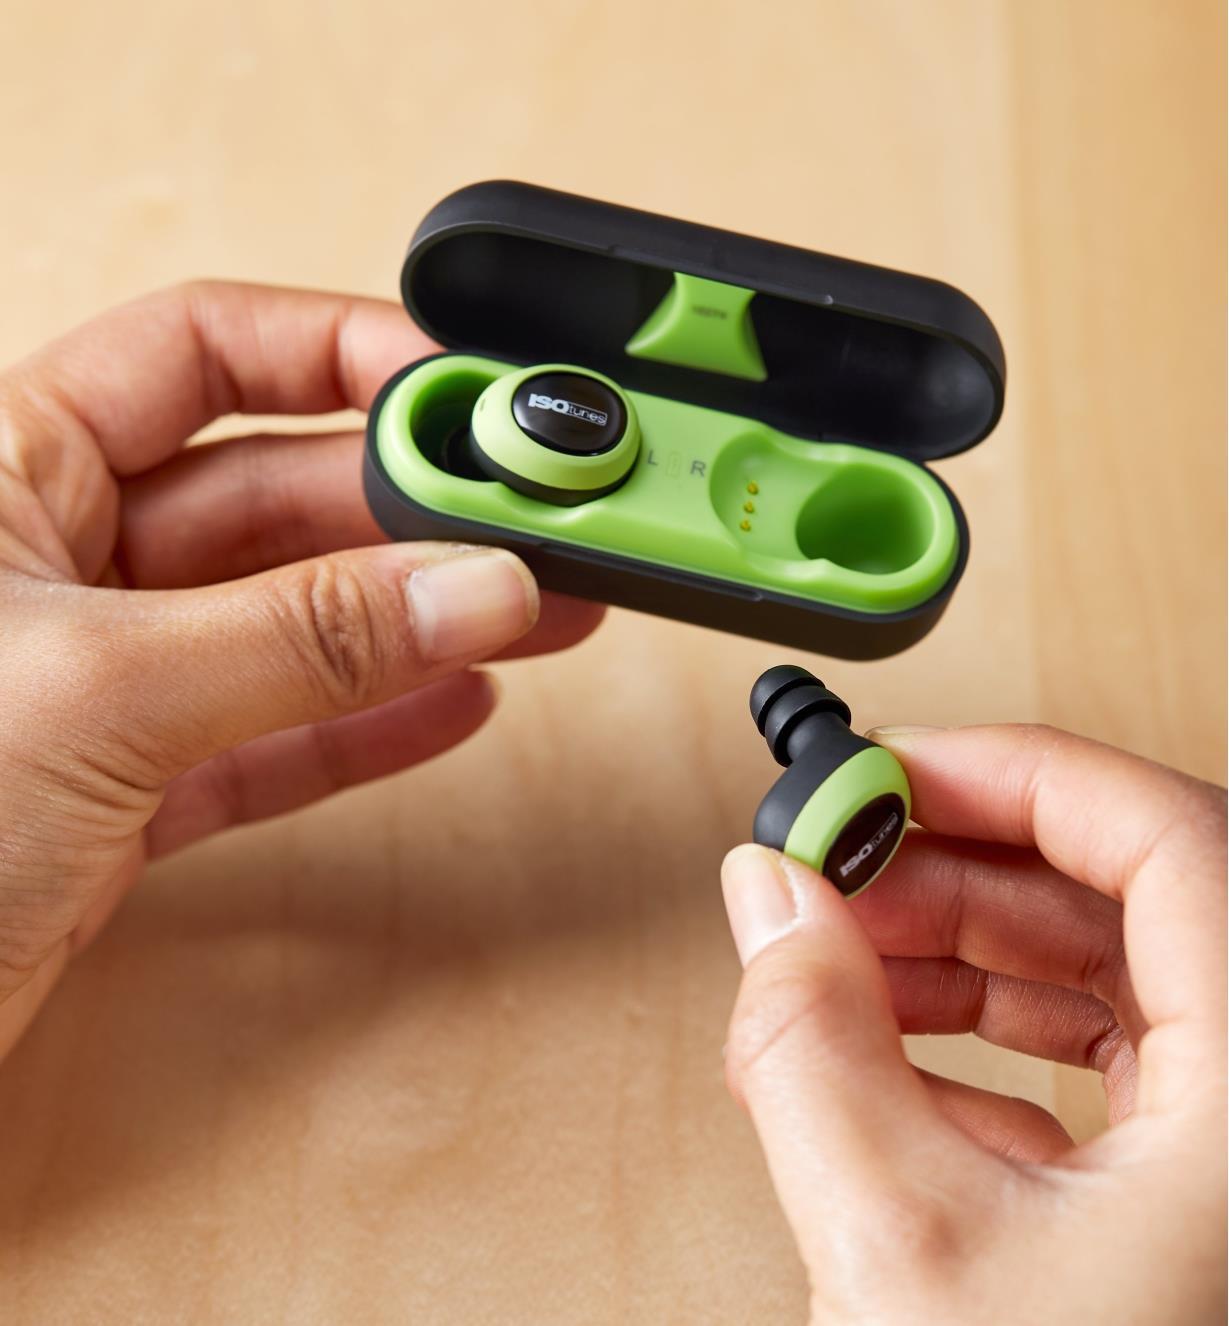 Écouteurs antibruit électroniques sans fil ISOtunes en recharge dans l'étui rigide